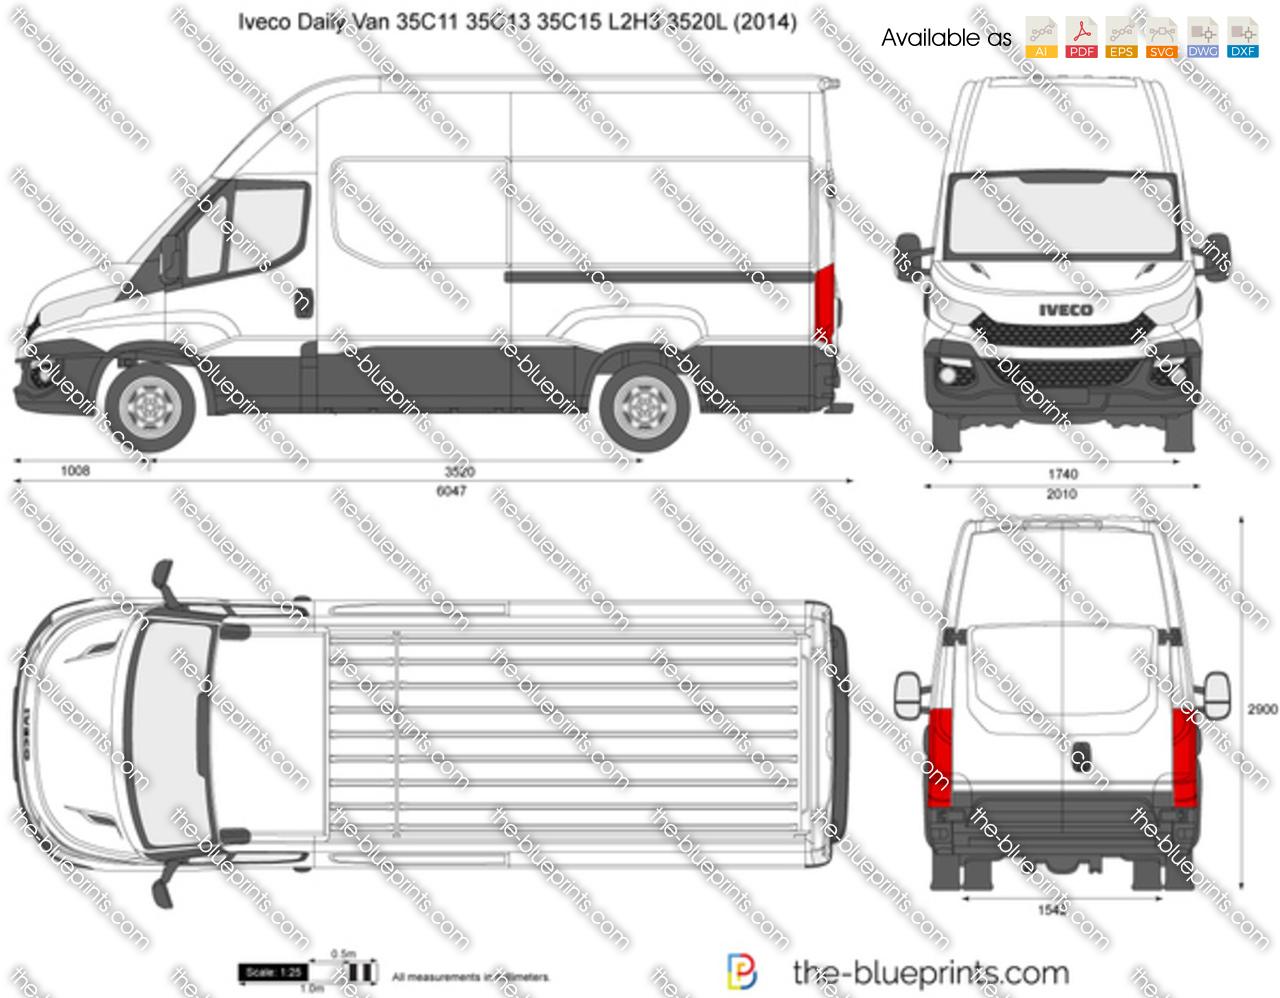 iveco daily van 35c11 35c13 35c15 l2h3 3520l vector drawing. Black Bedroom Furniture Sets. Home Design Ideas